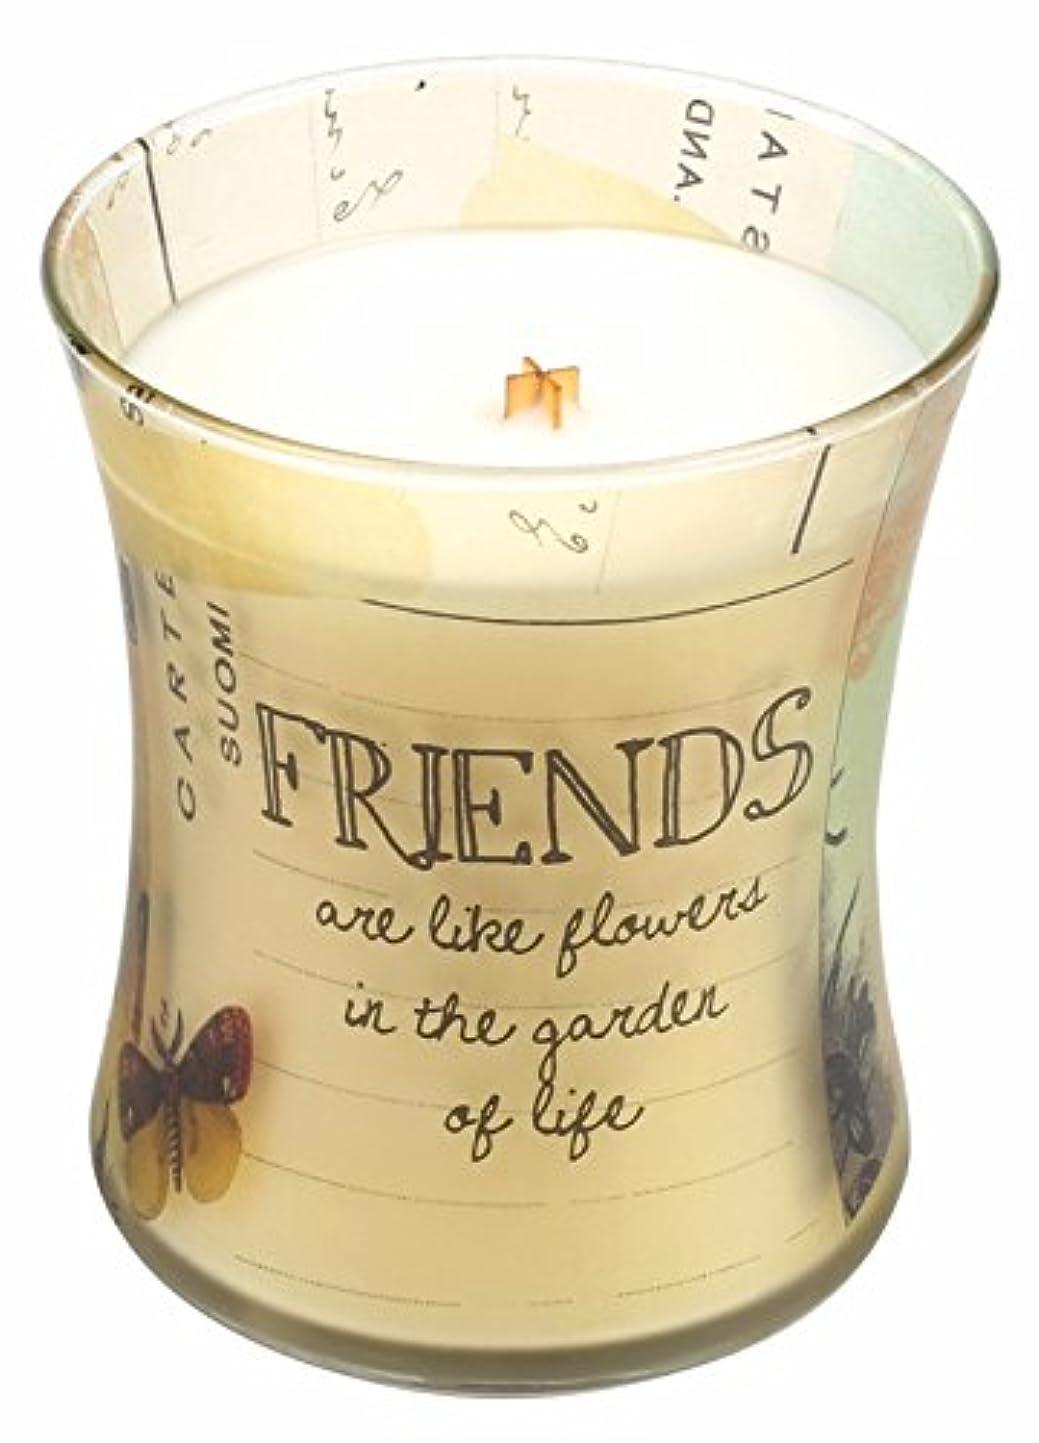 嫌なフレキシブルの頭の上Friends Vanilla Bean Inspirationalコレクション砂時計WoodWick Candle